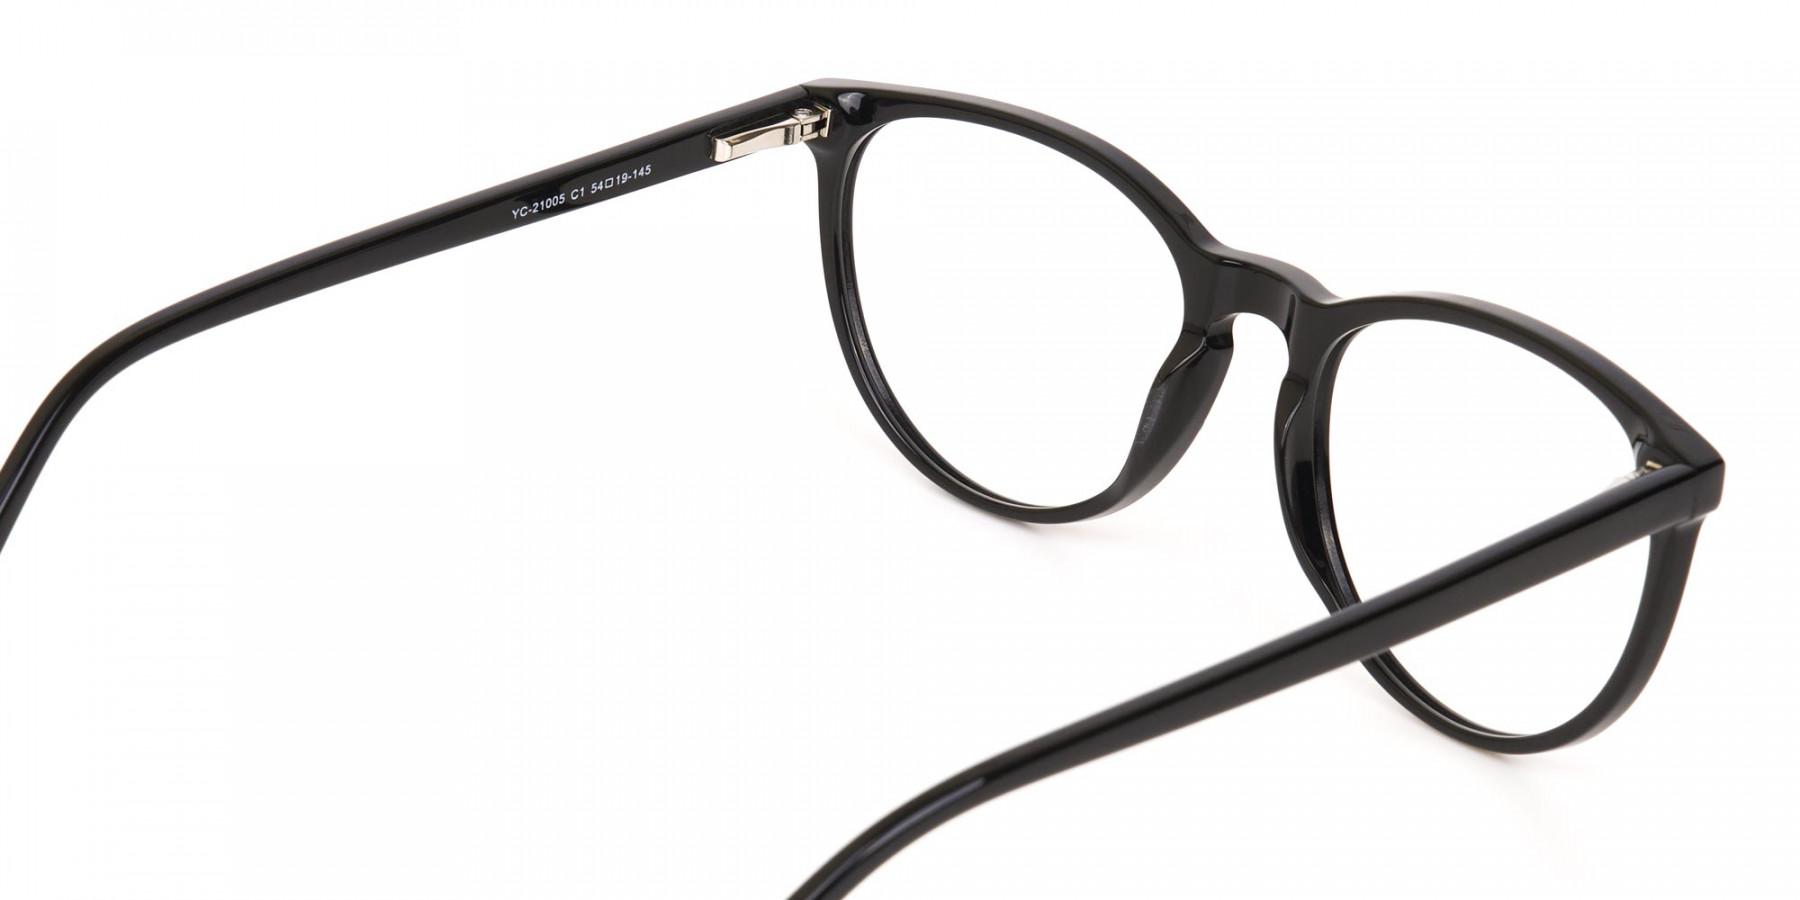 Black Acetate Round Eyeglasses Frame Unisex-1